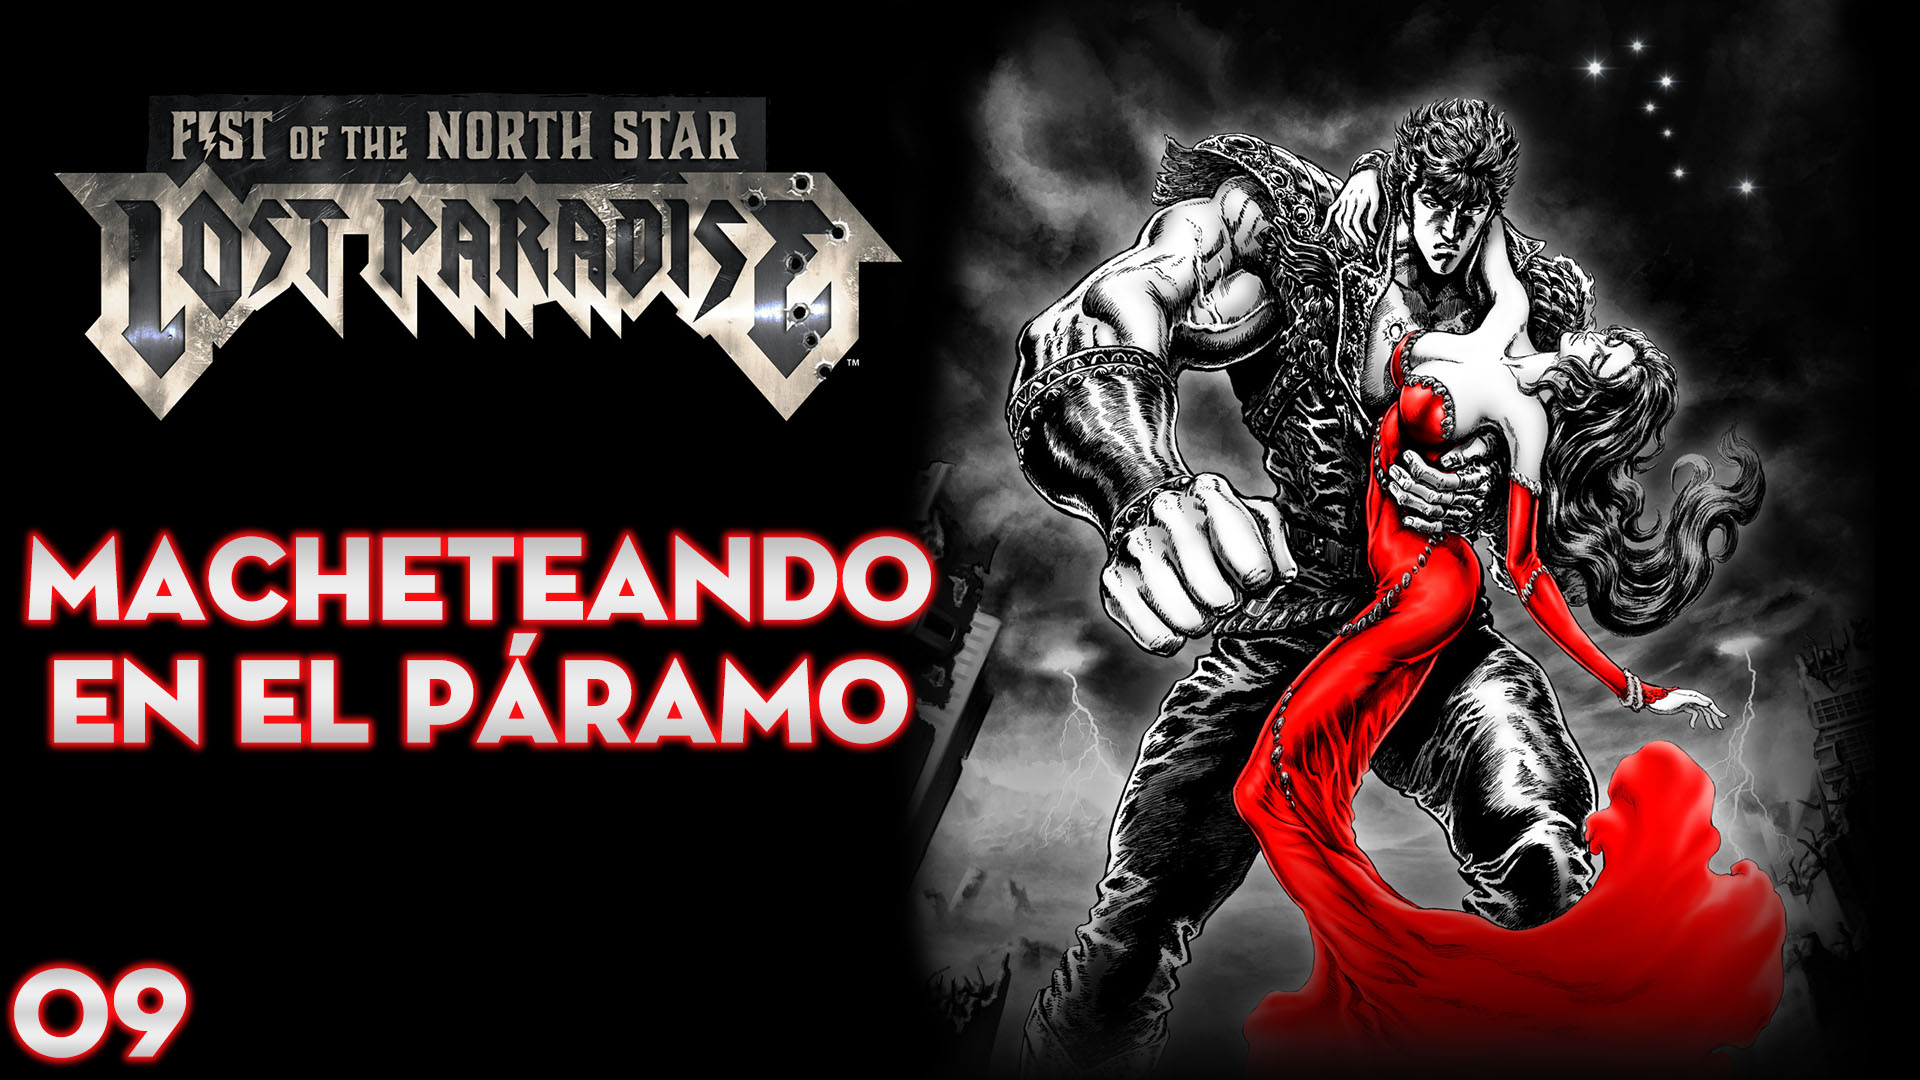 Serie Fist of the North Star: Lost Paradise #09 – Macheteando en el Páramo